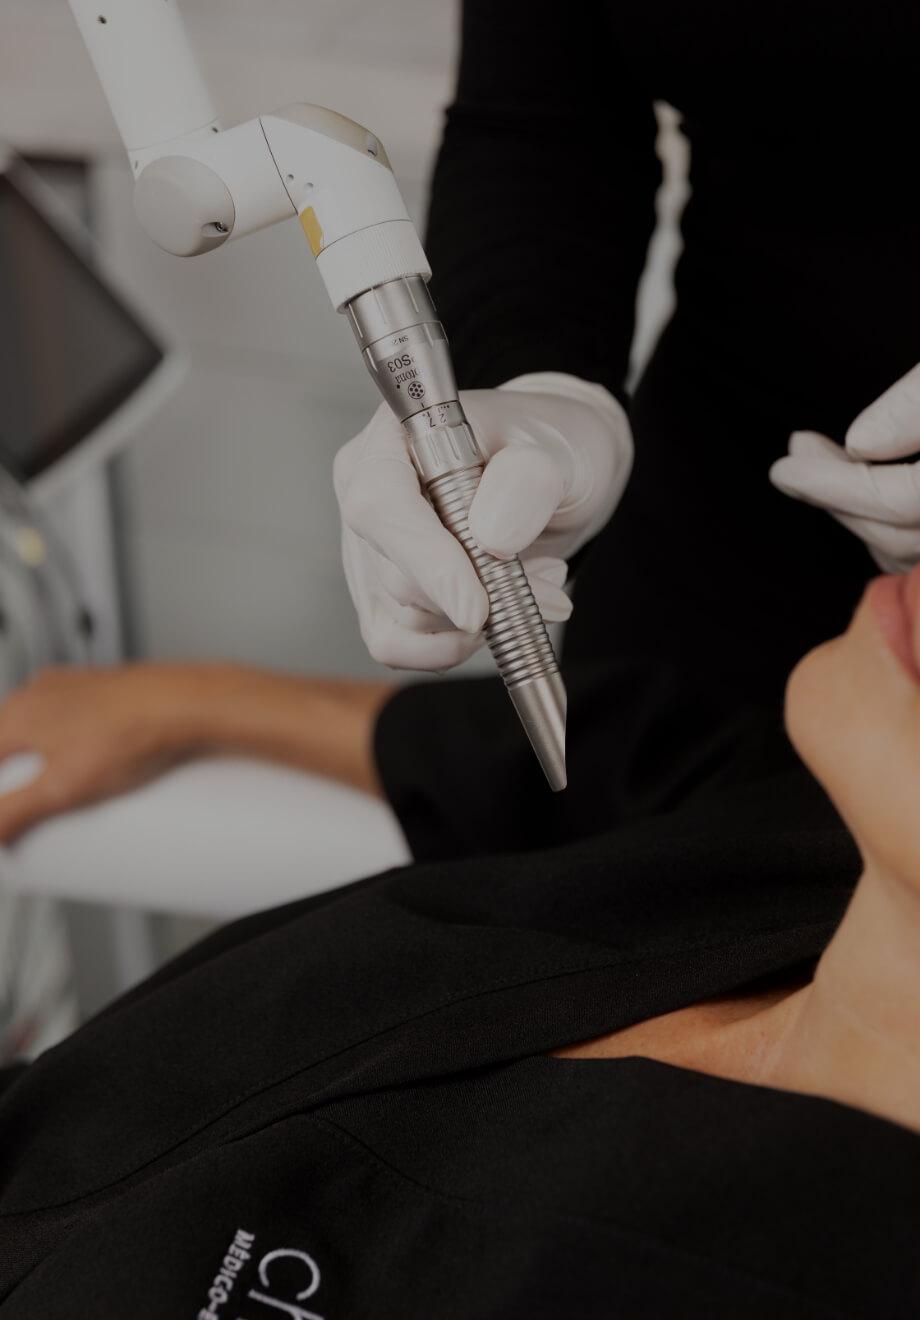 Une technicienne de la Clinique Chloé tenant la pièce à main du laser TightScupting près du cou d'une patiente